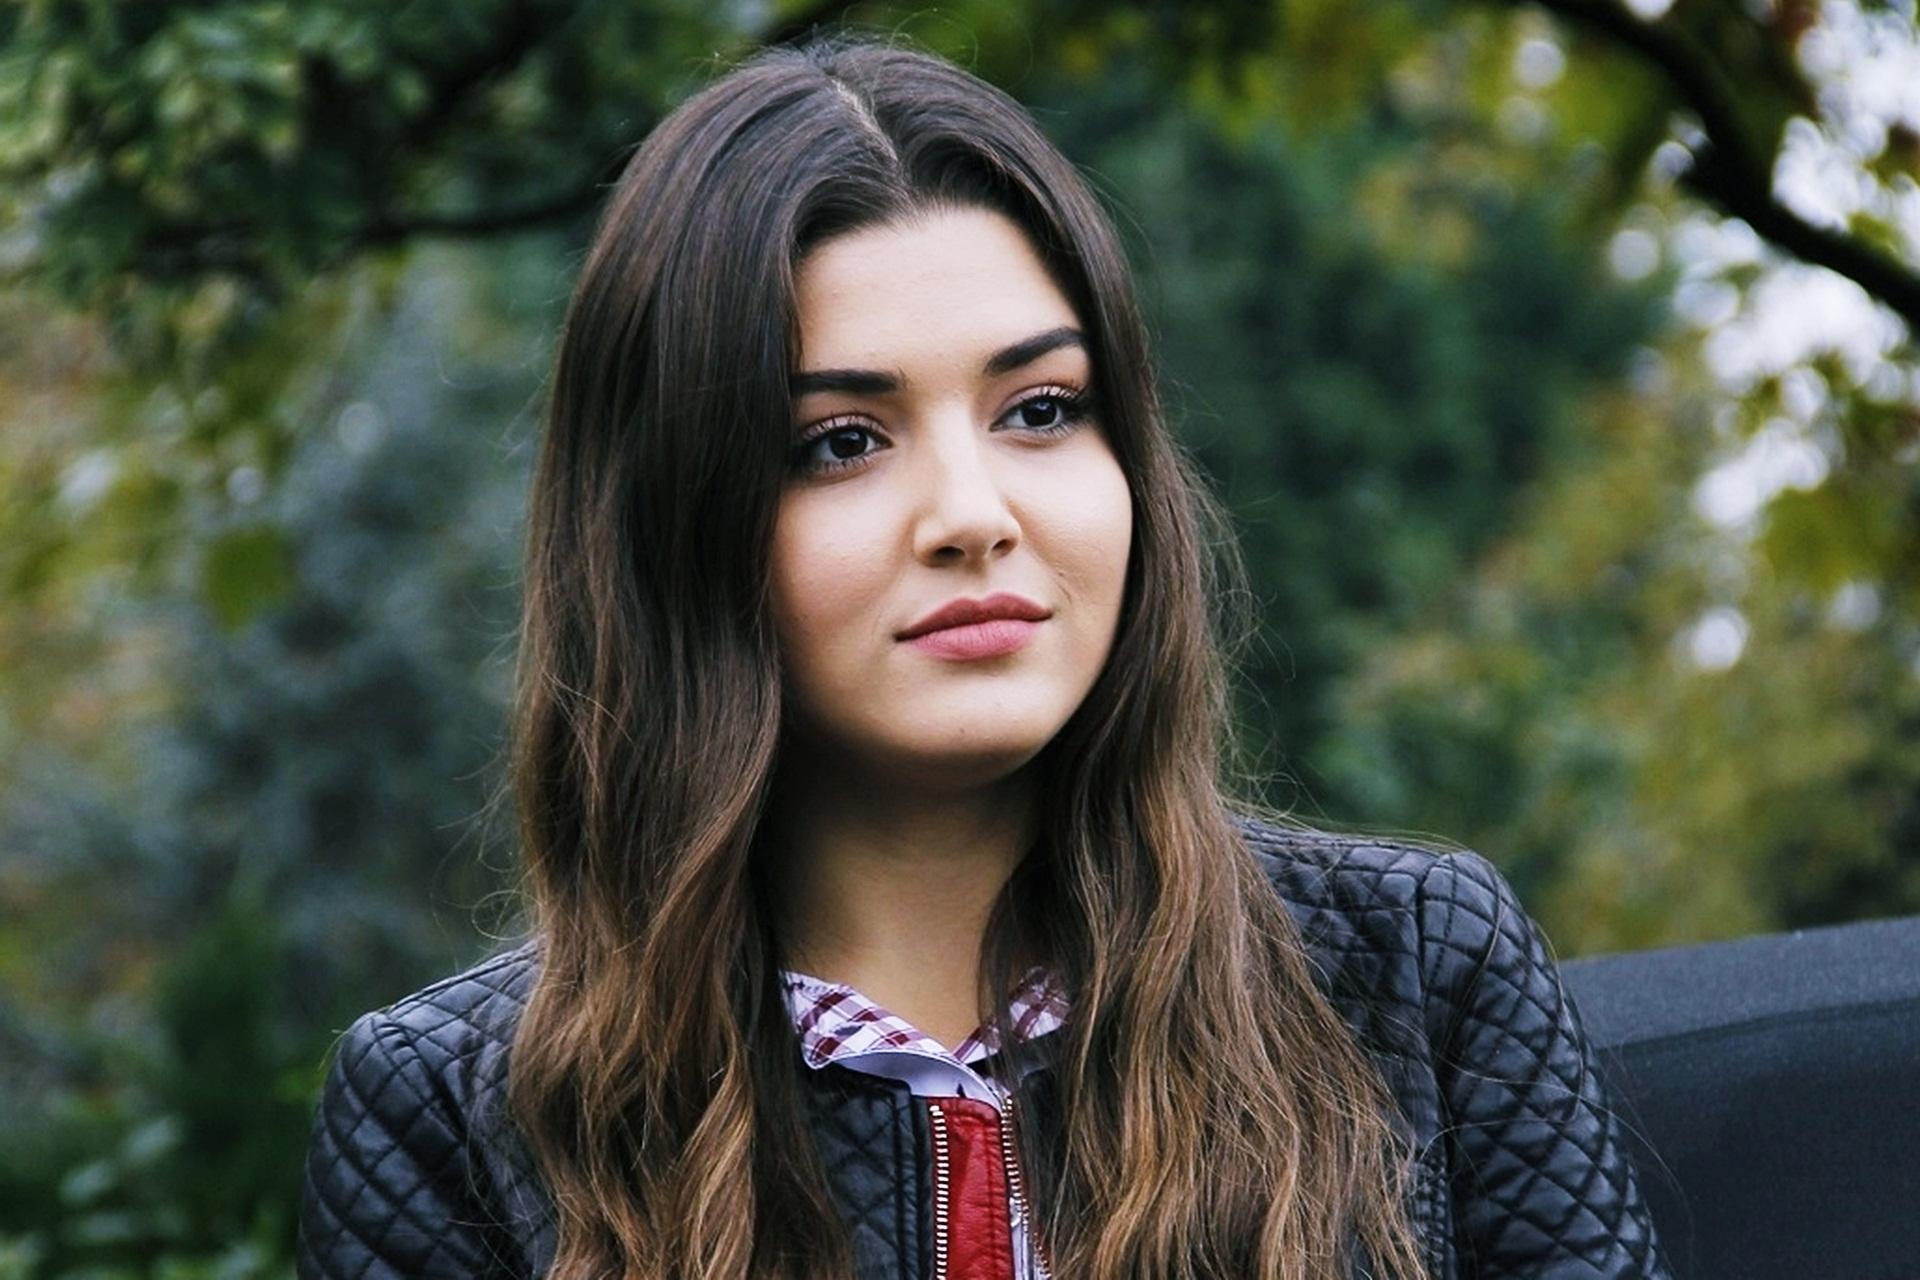 بالصور بنات تركيا , تعرف علي مظاهر الجمال التركي